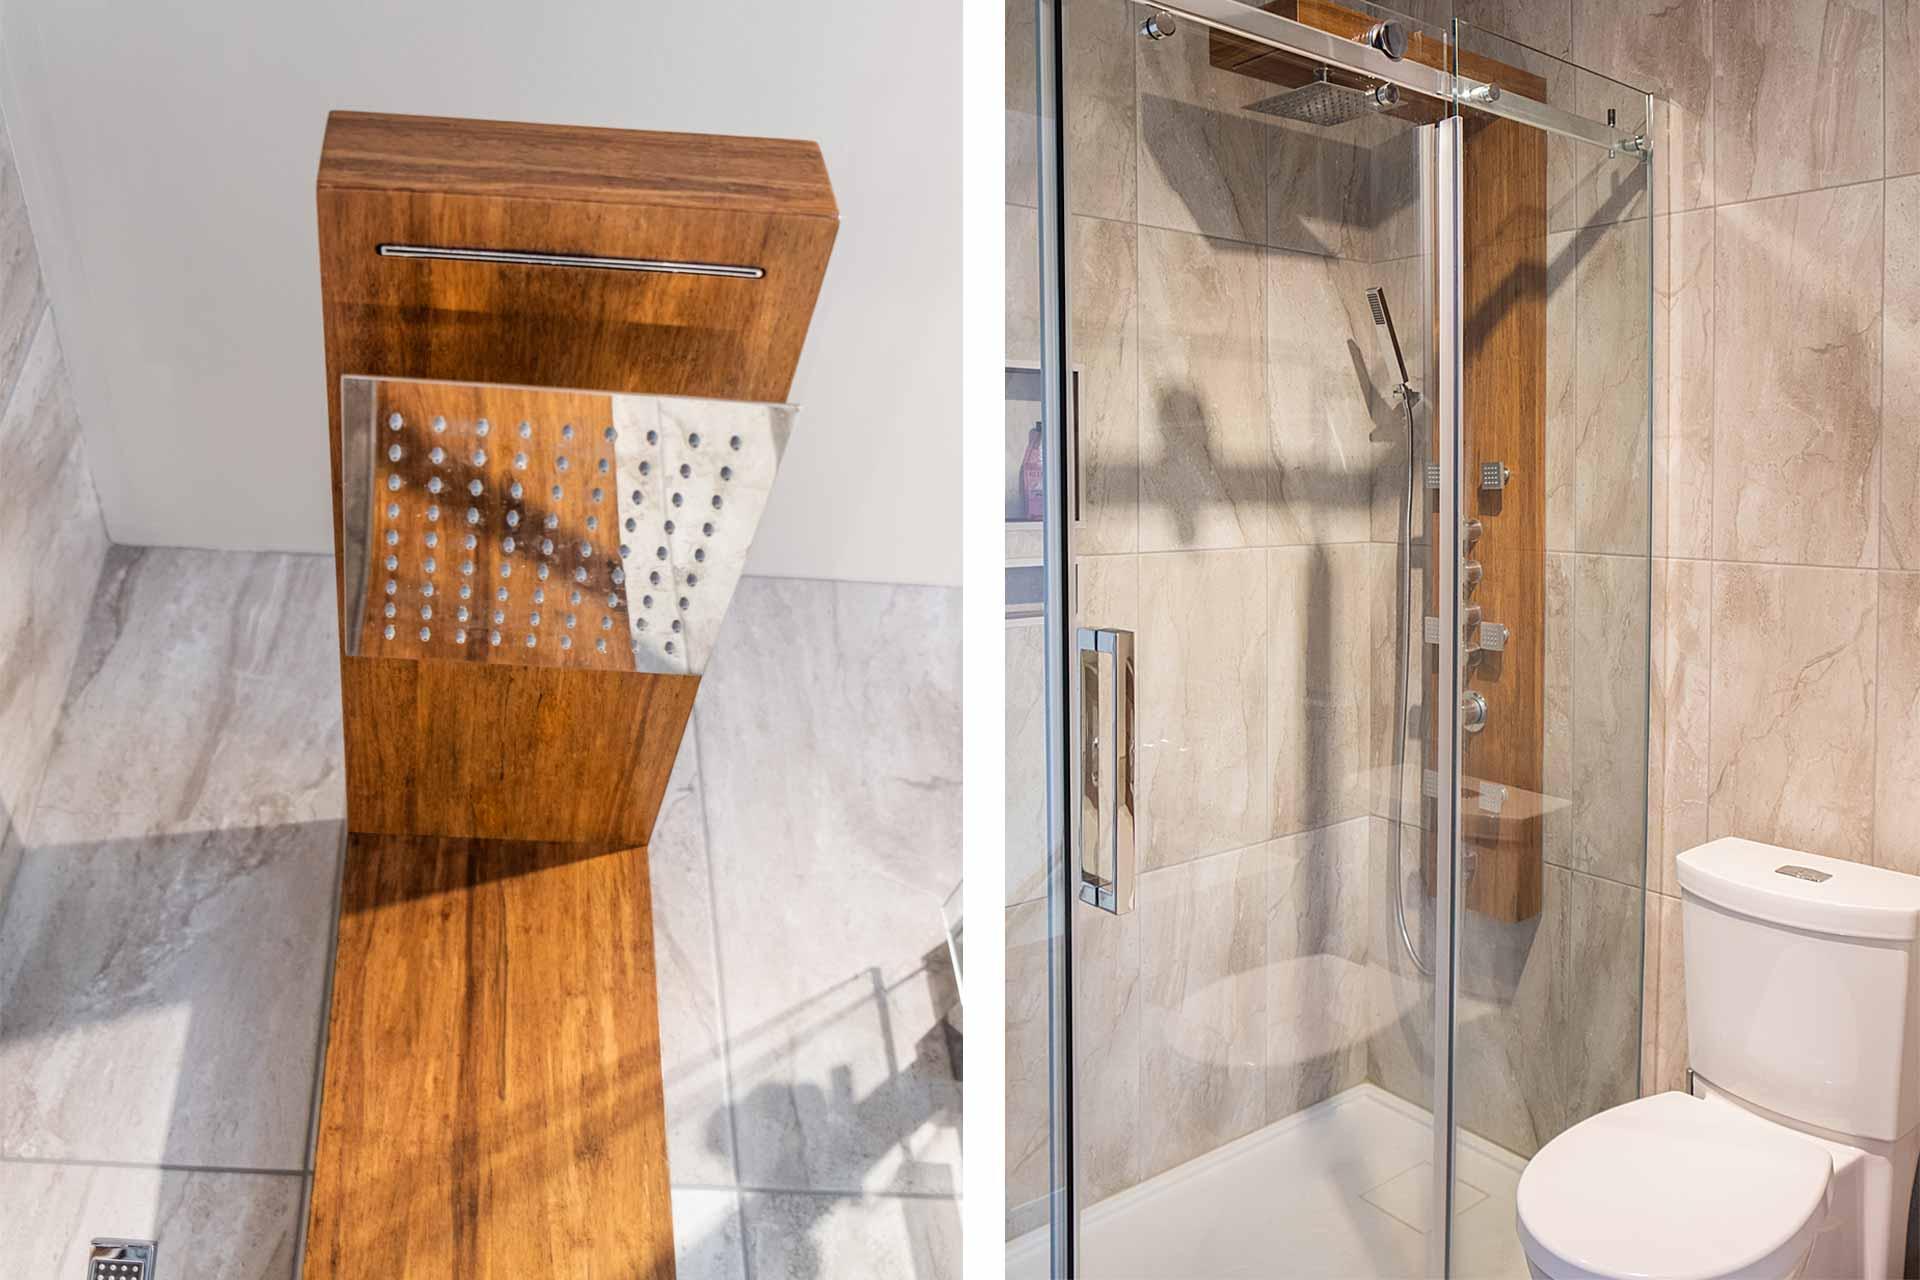 salle-de-bain-Mark-cap-sante-3